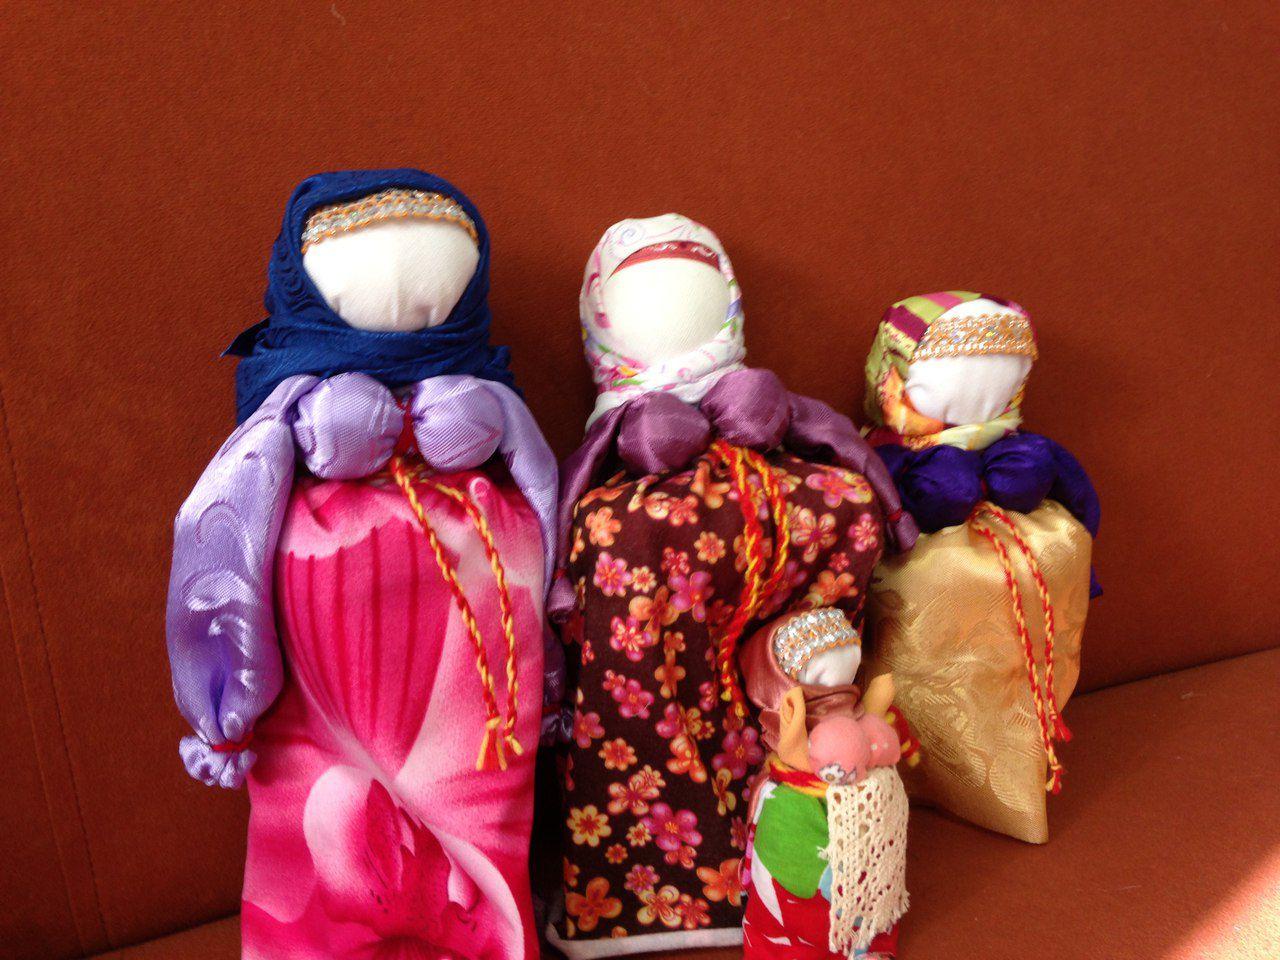 фрейя студияфрейя батмановаанна куклотерапия куклы обереги